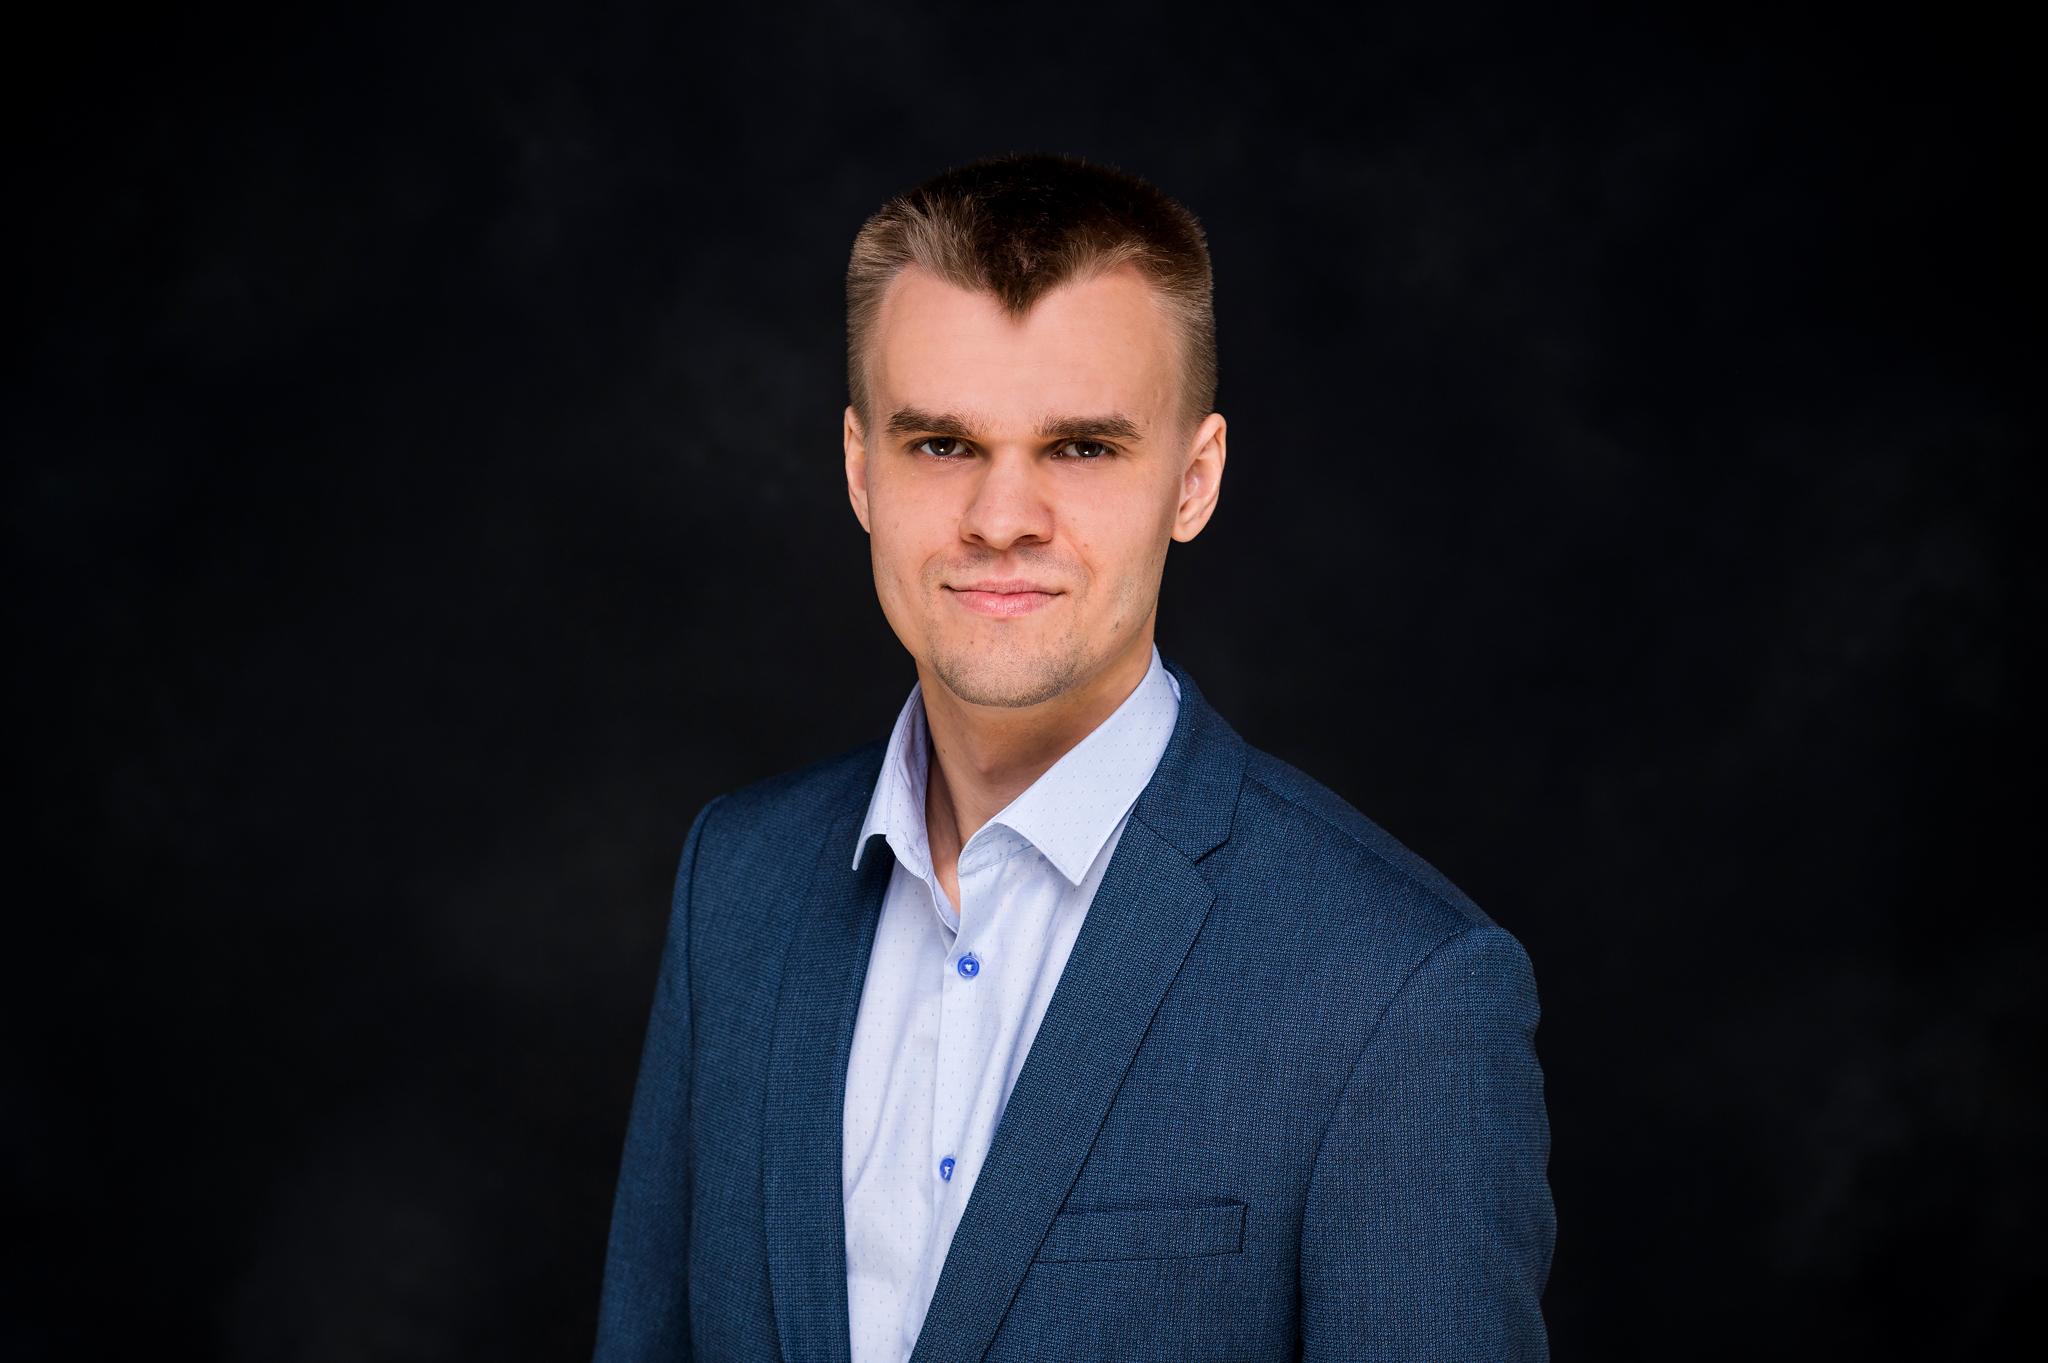 Meet Jaan Hendrik Murumets, CEO of Krakul